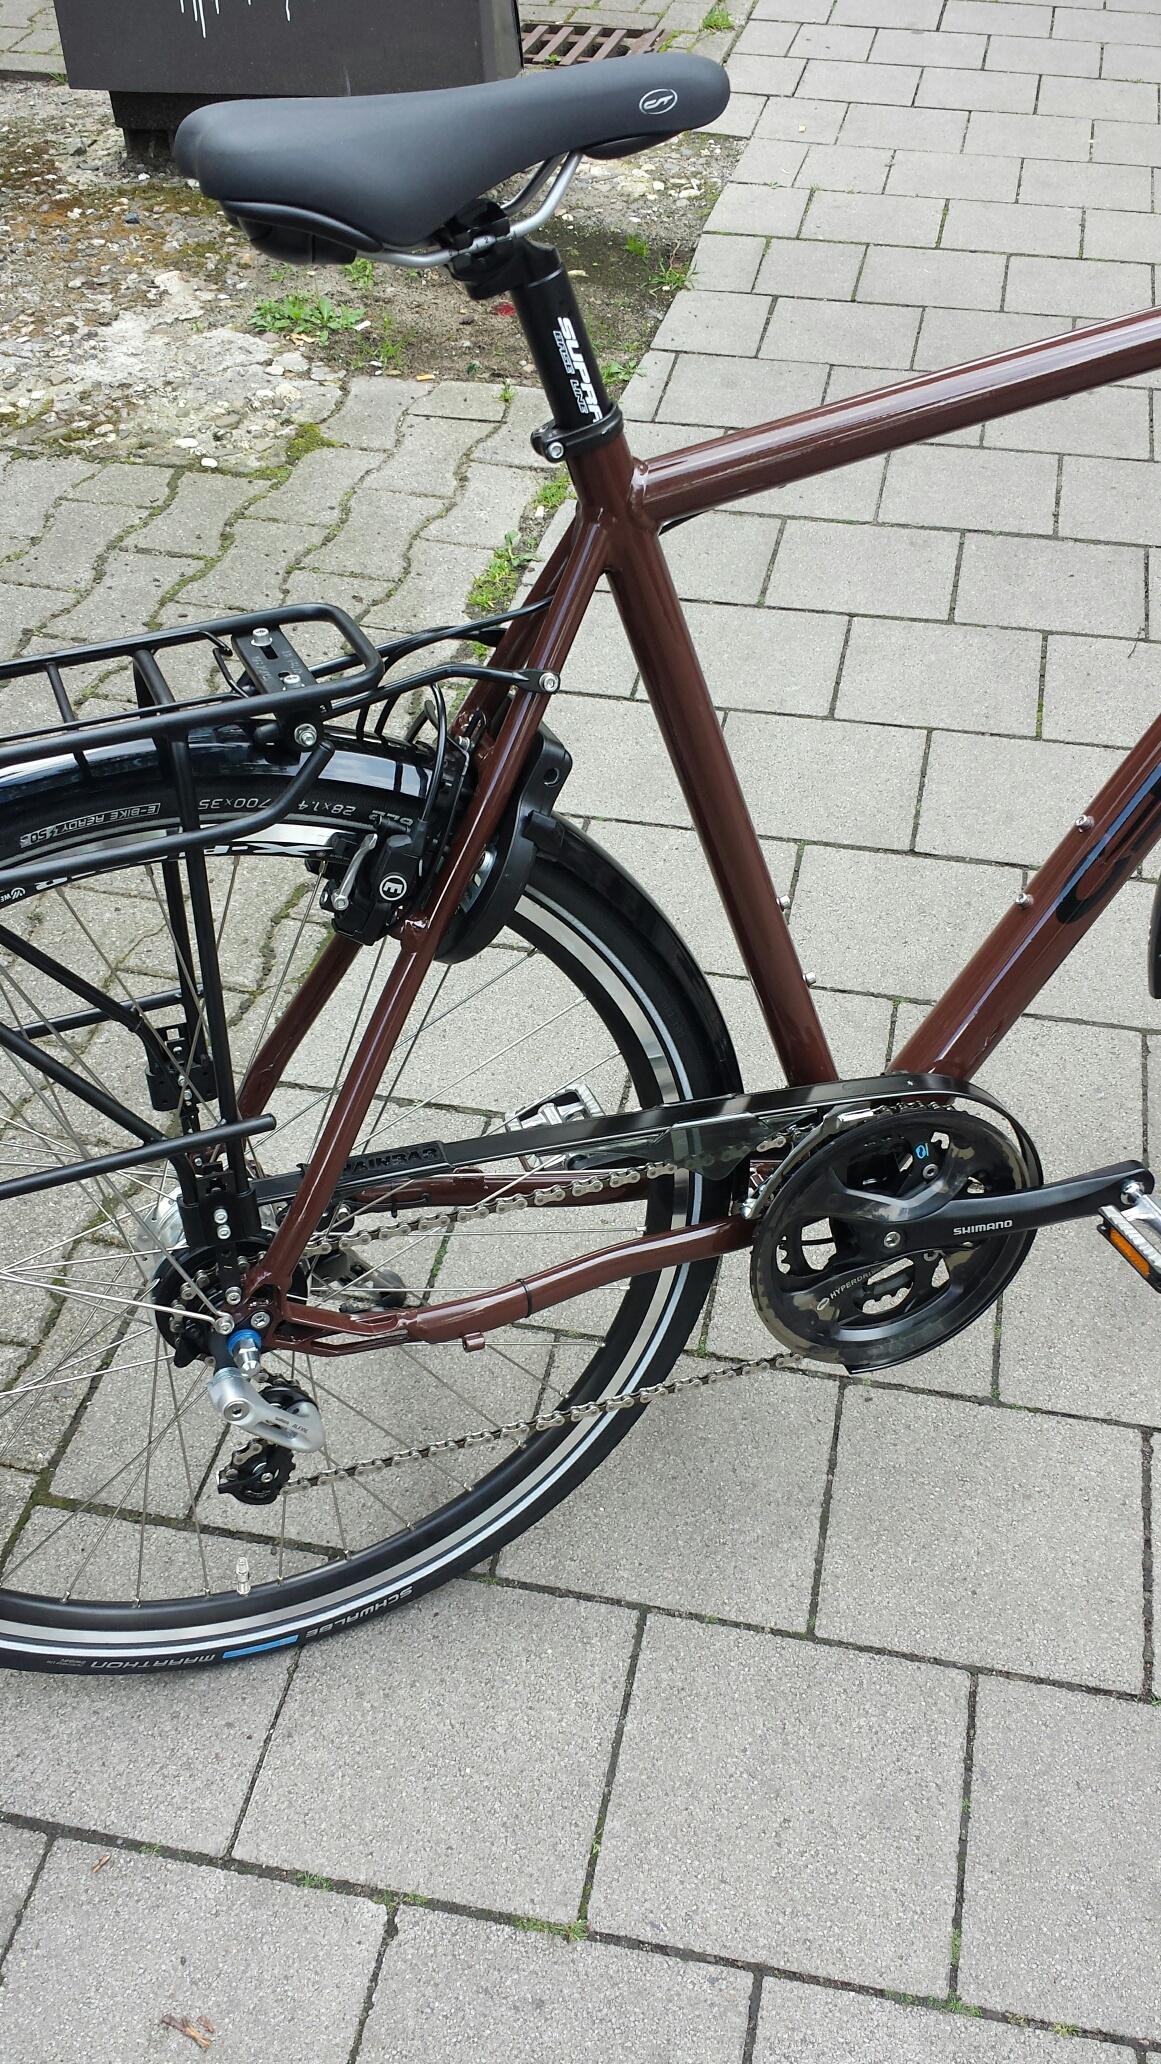 Cesur Bikes - Ihr Fahrrad nach Maß - Cesur 11*2 Shimano